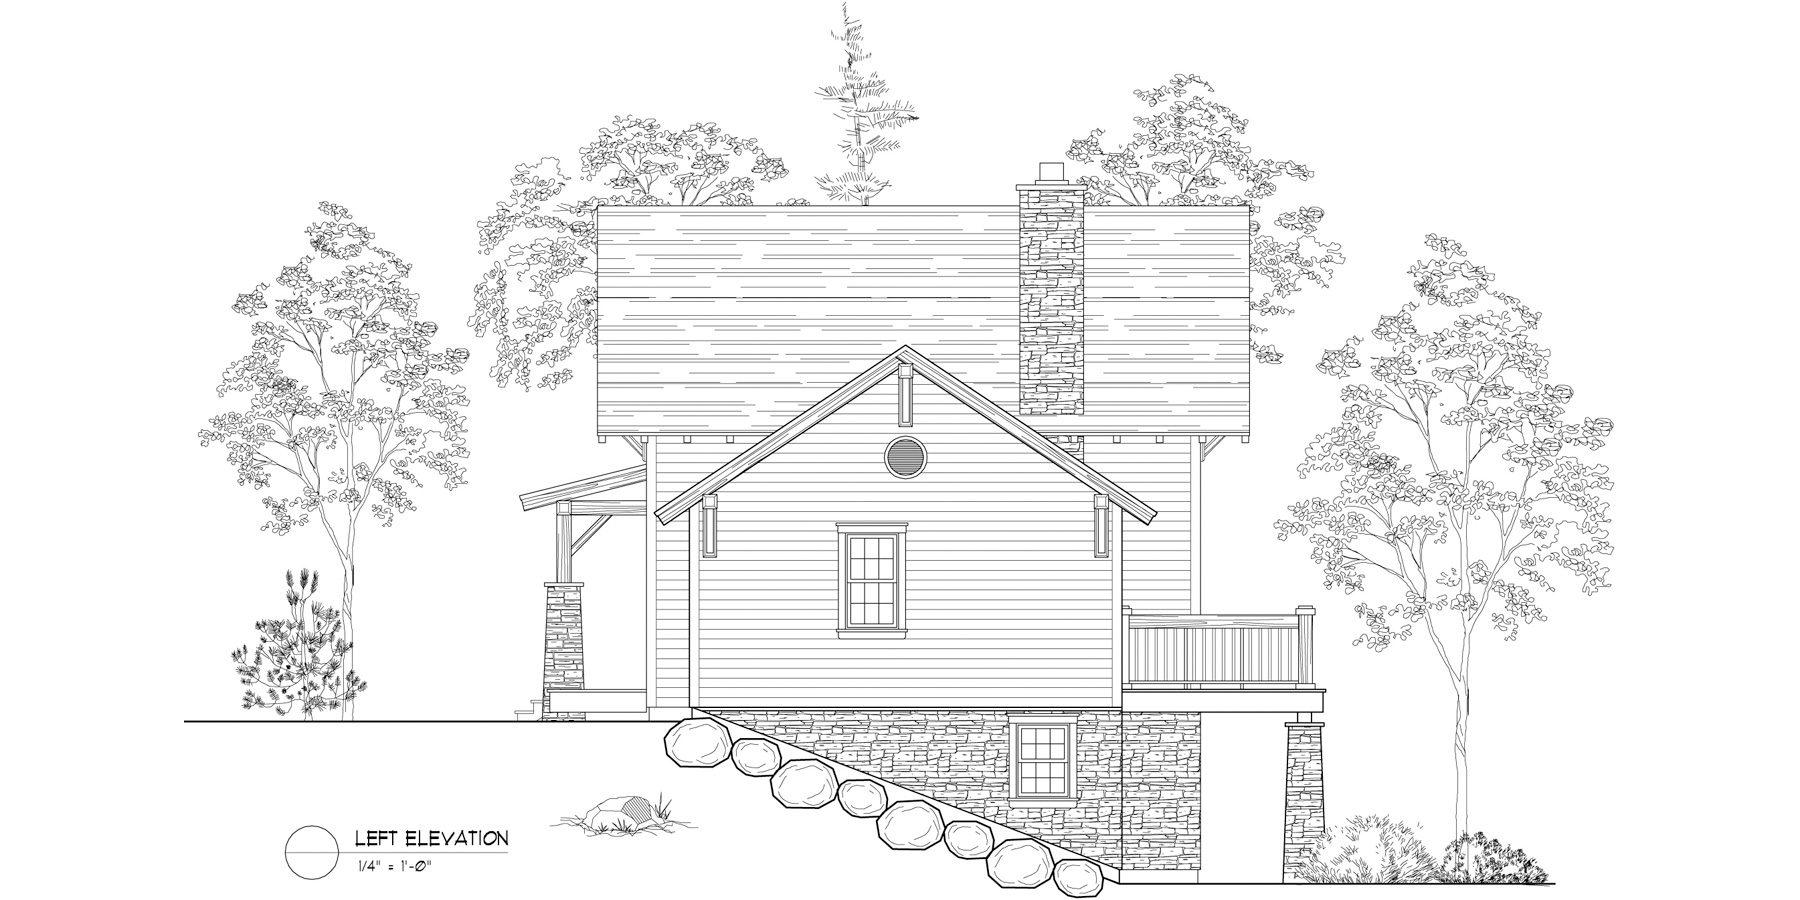 Normerica Timber Frames, House Plan, The Lanark 3522, Left Elevation